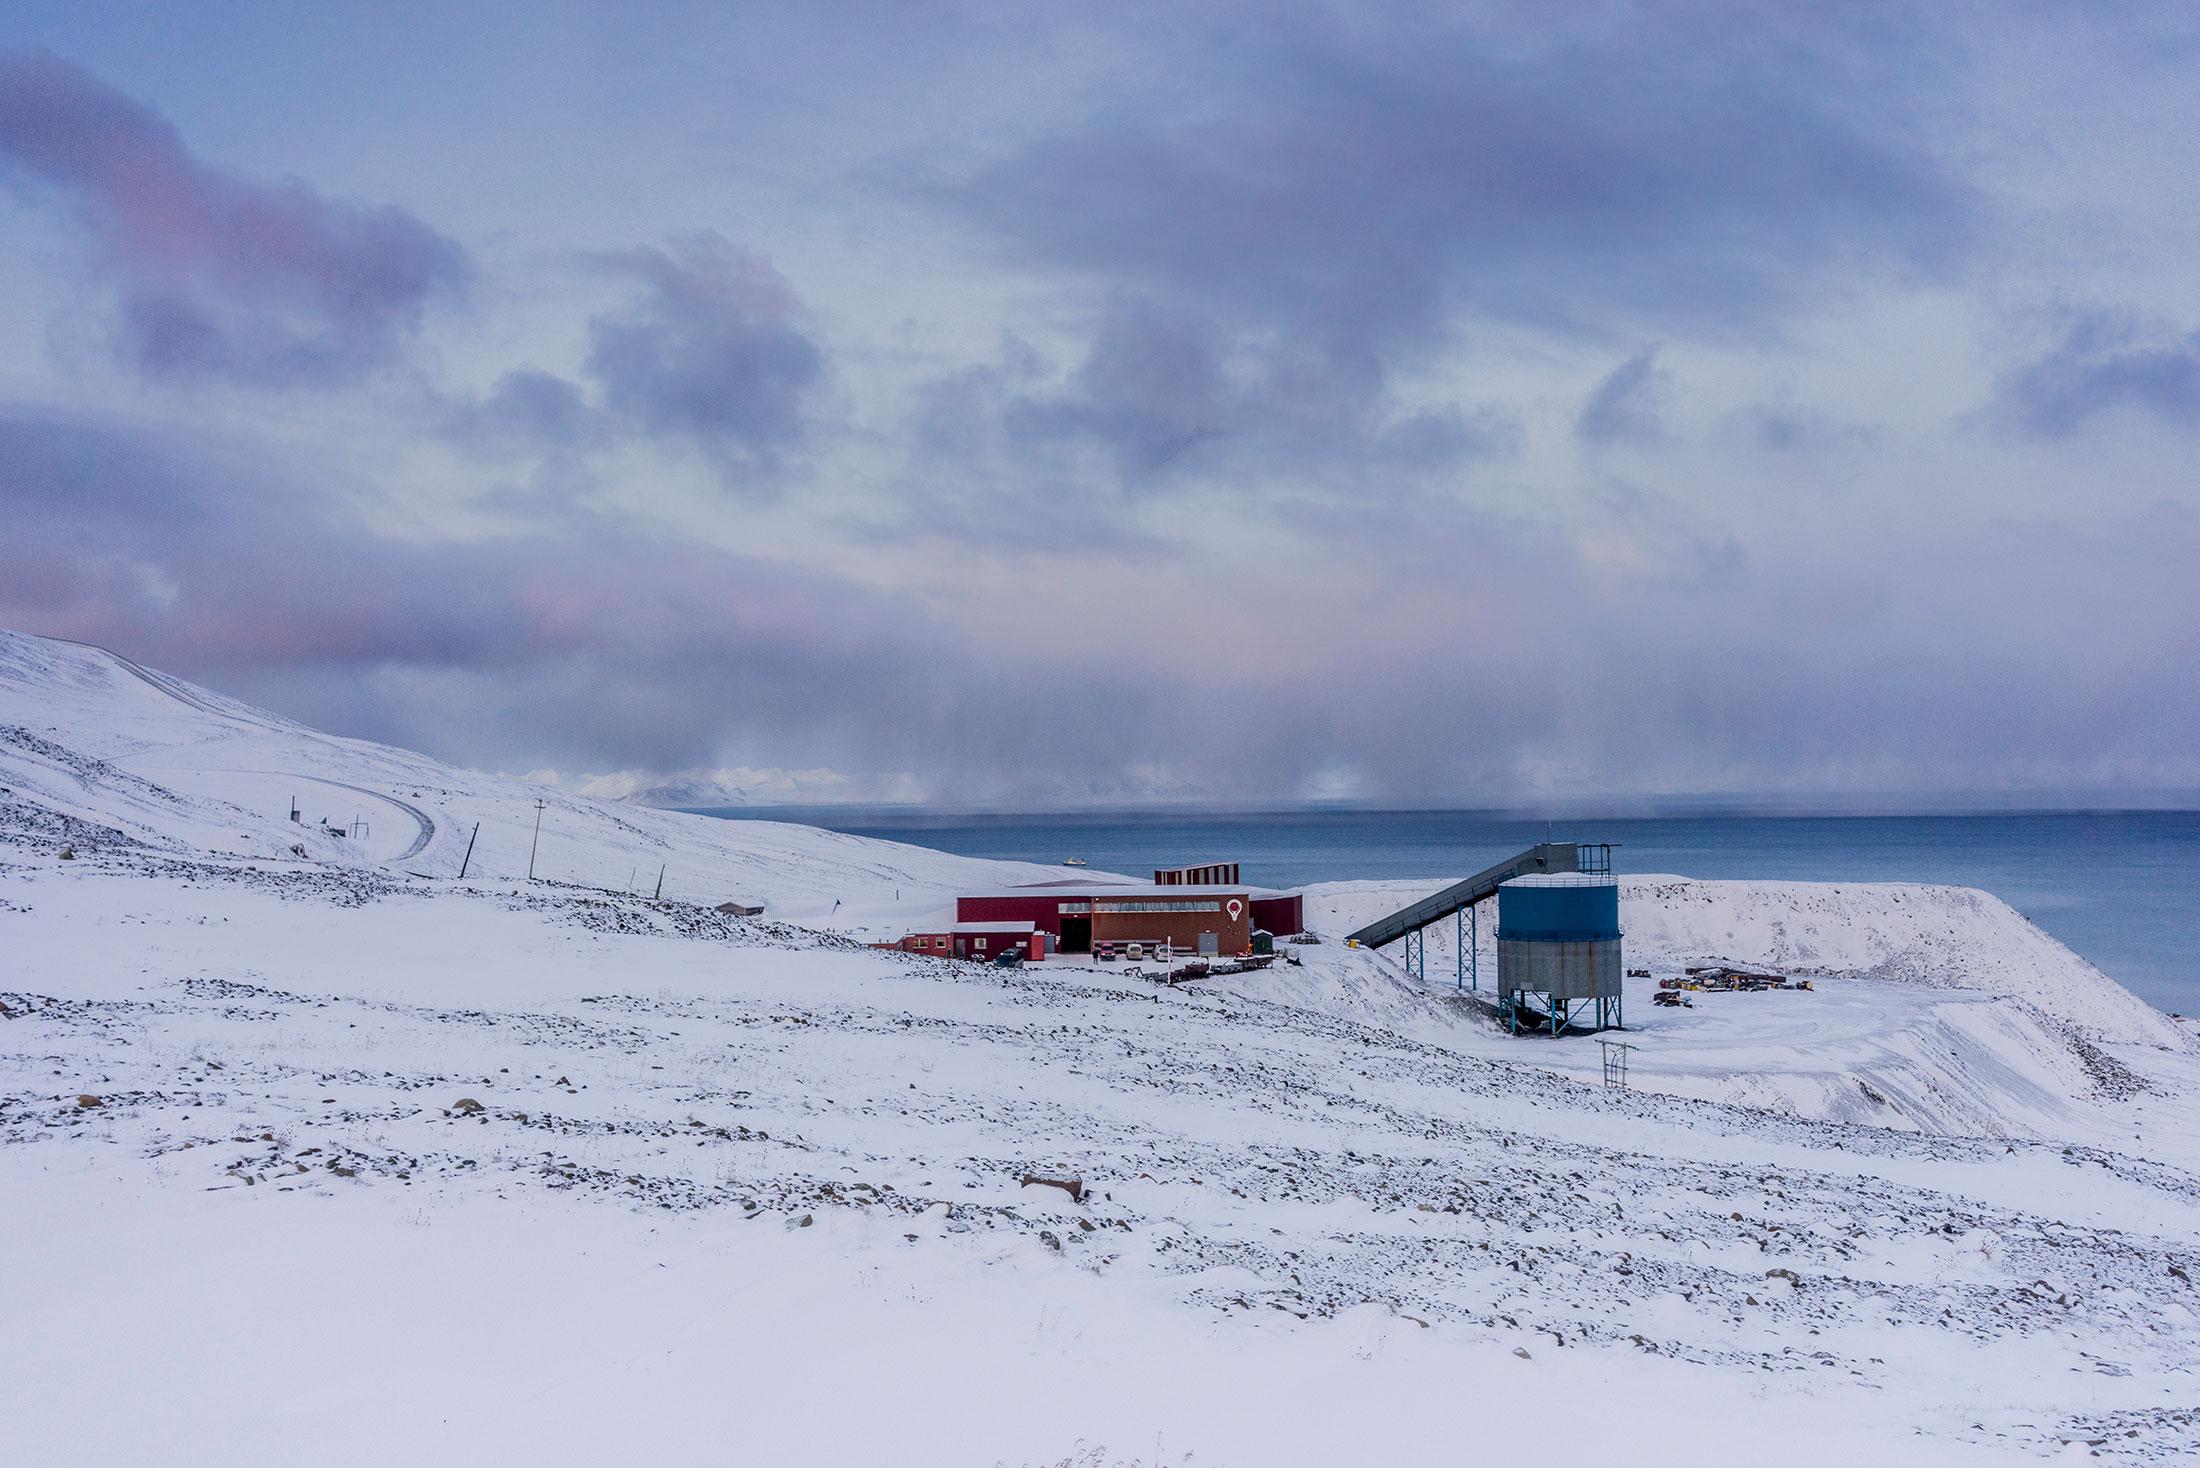 Арктическое хранилище GitHub сохранит программный код человечества 02.02.2020 на тысячу лет